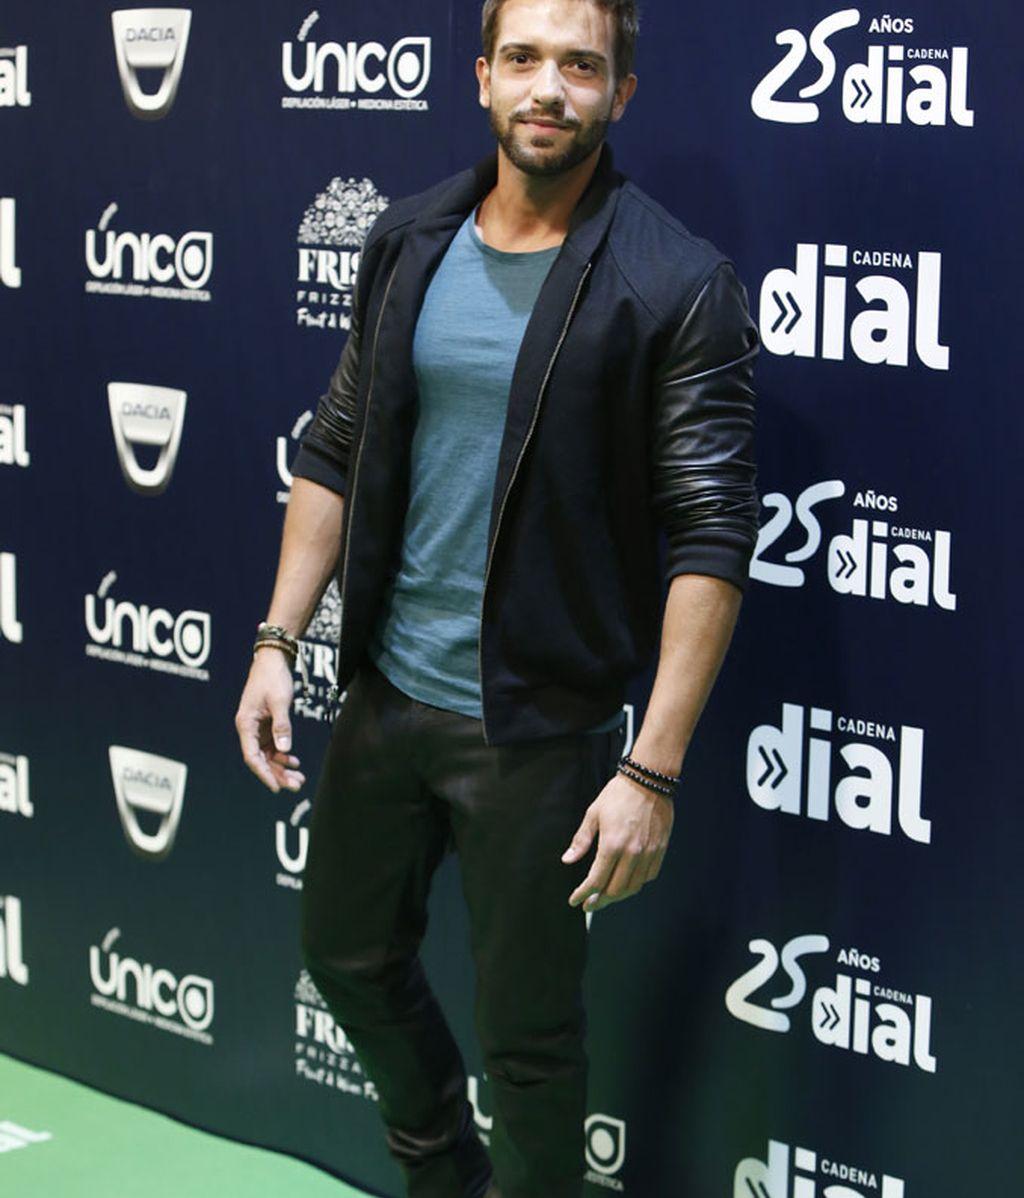 Pablo Alborán en la gala de 25 Aniversario de Cadena Dial